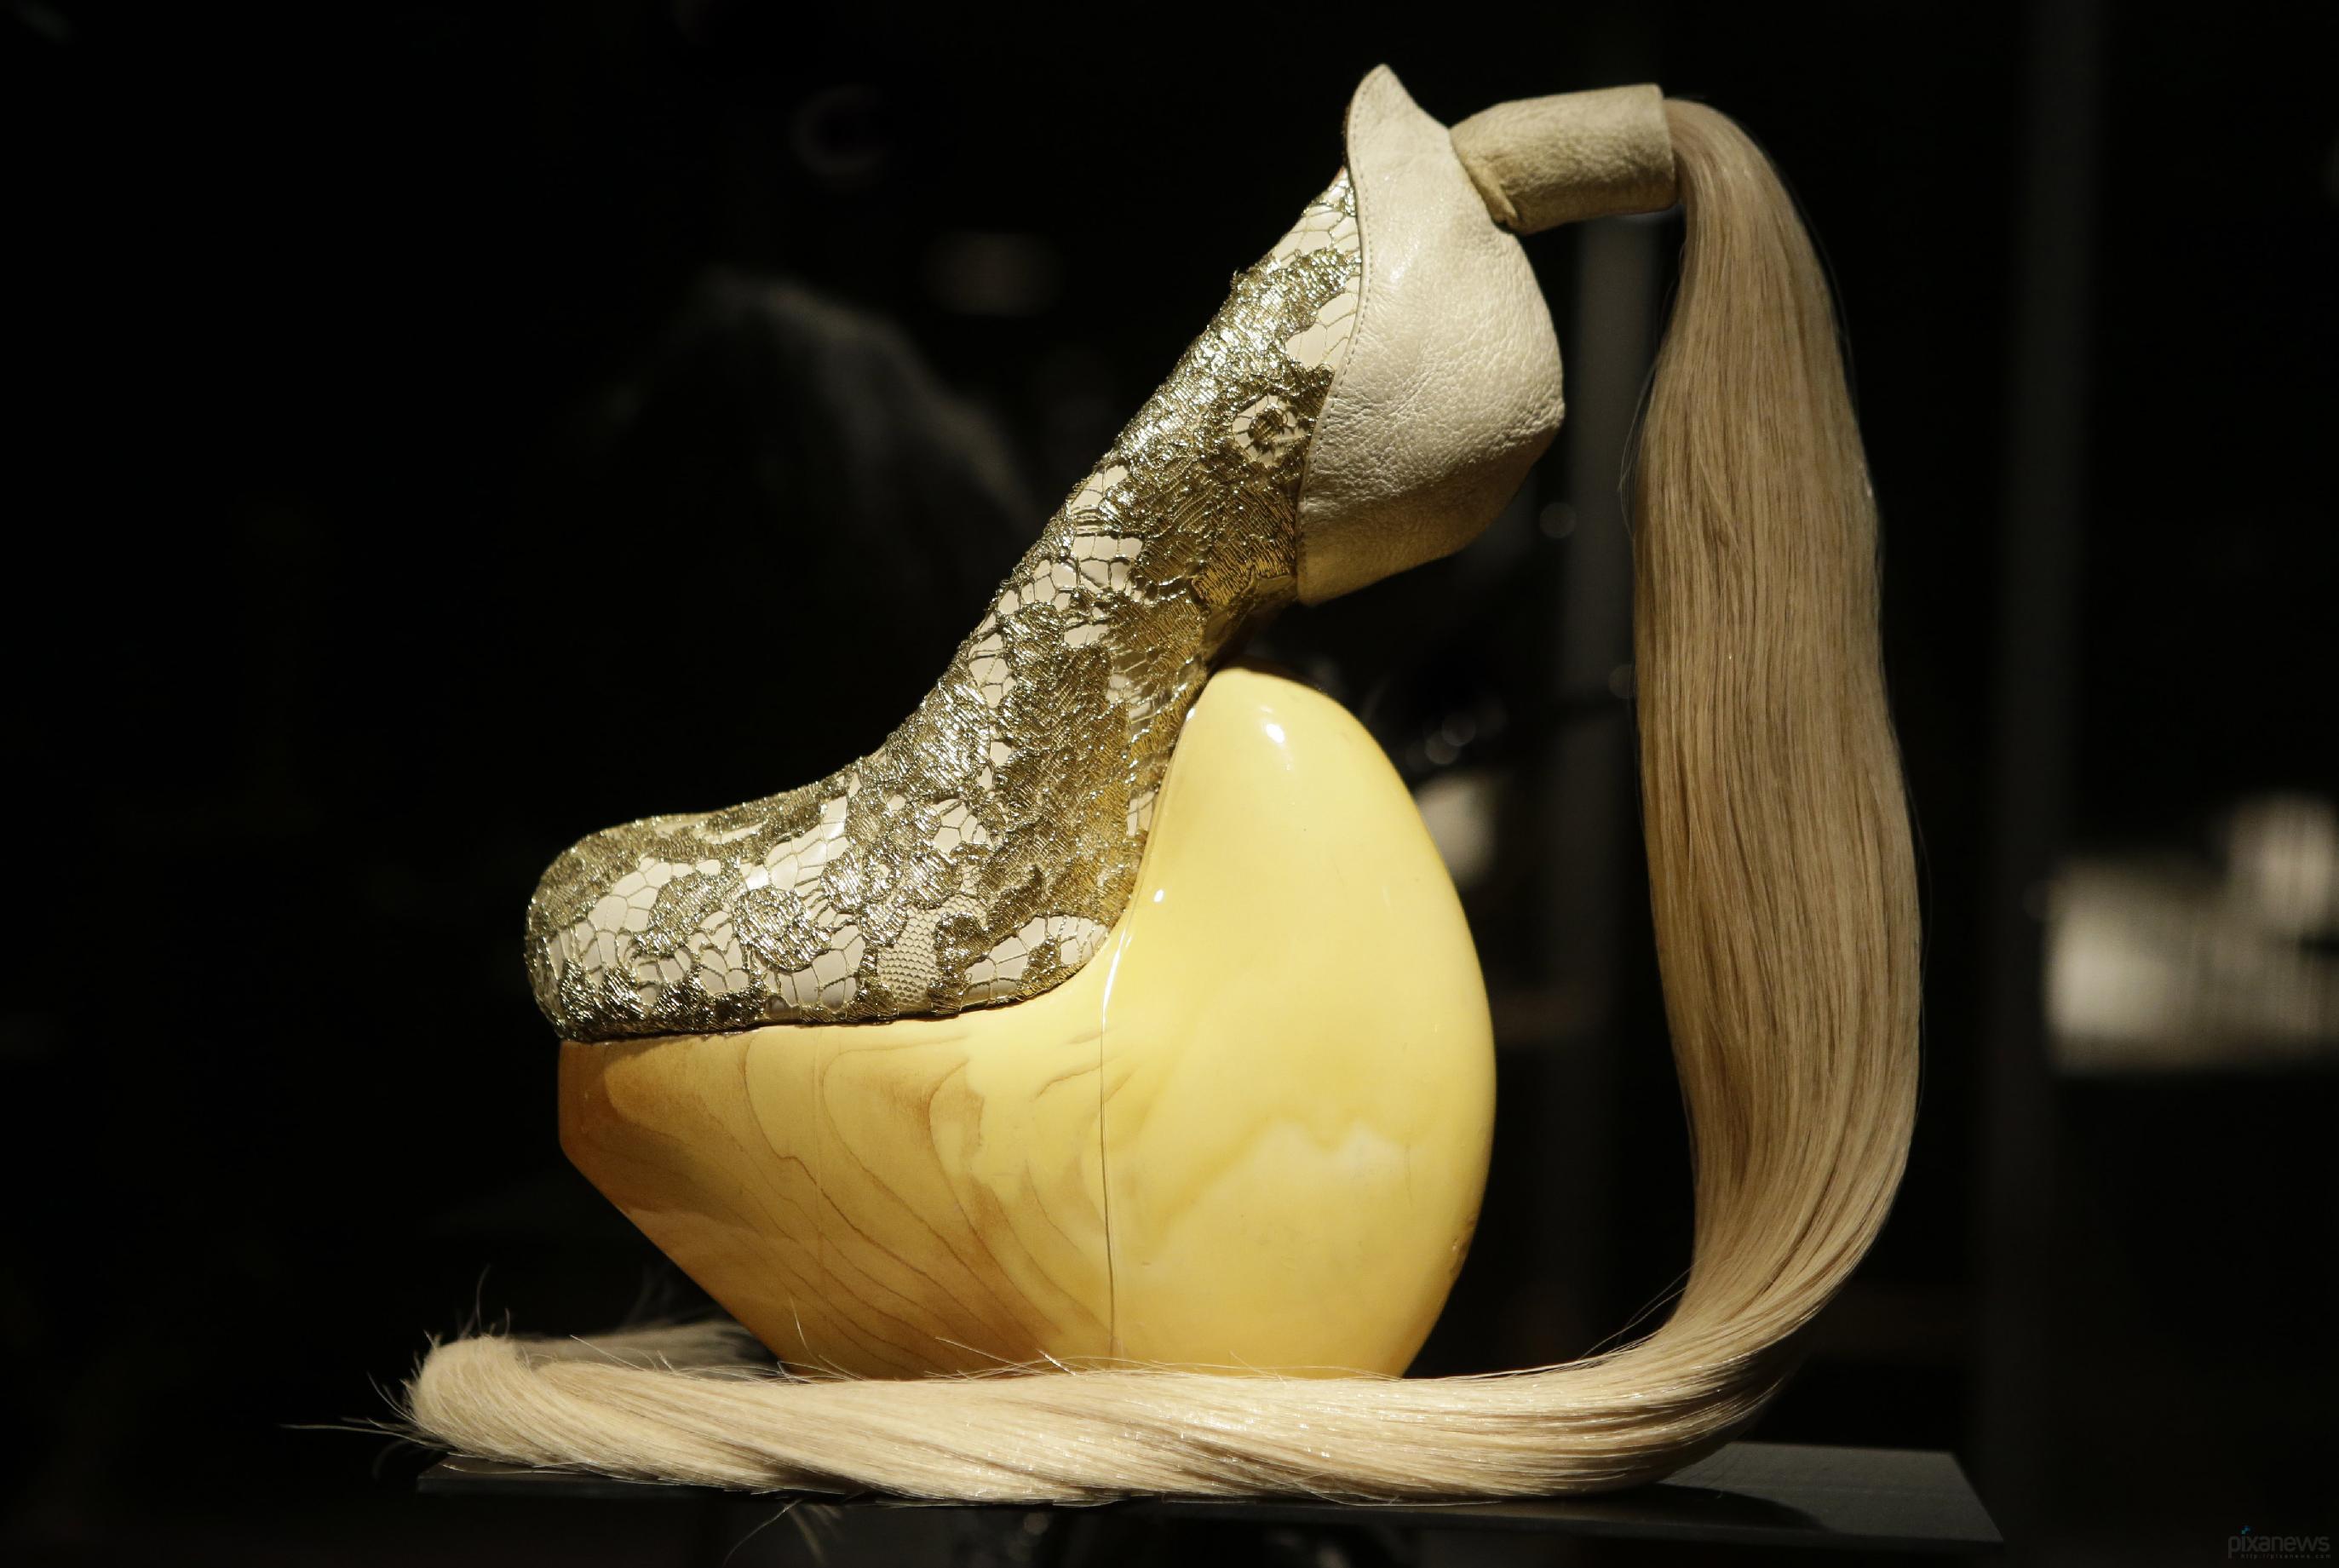 фотографии самых необычных туфлей в мире данного блюда займёт